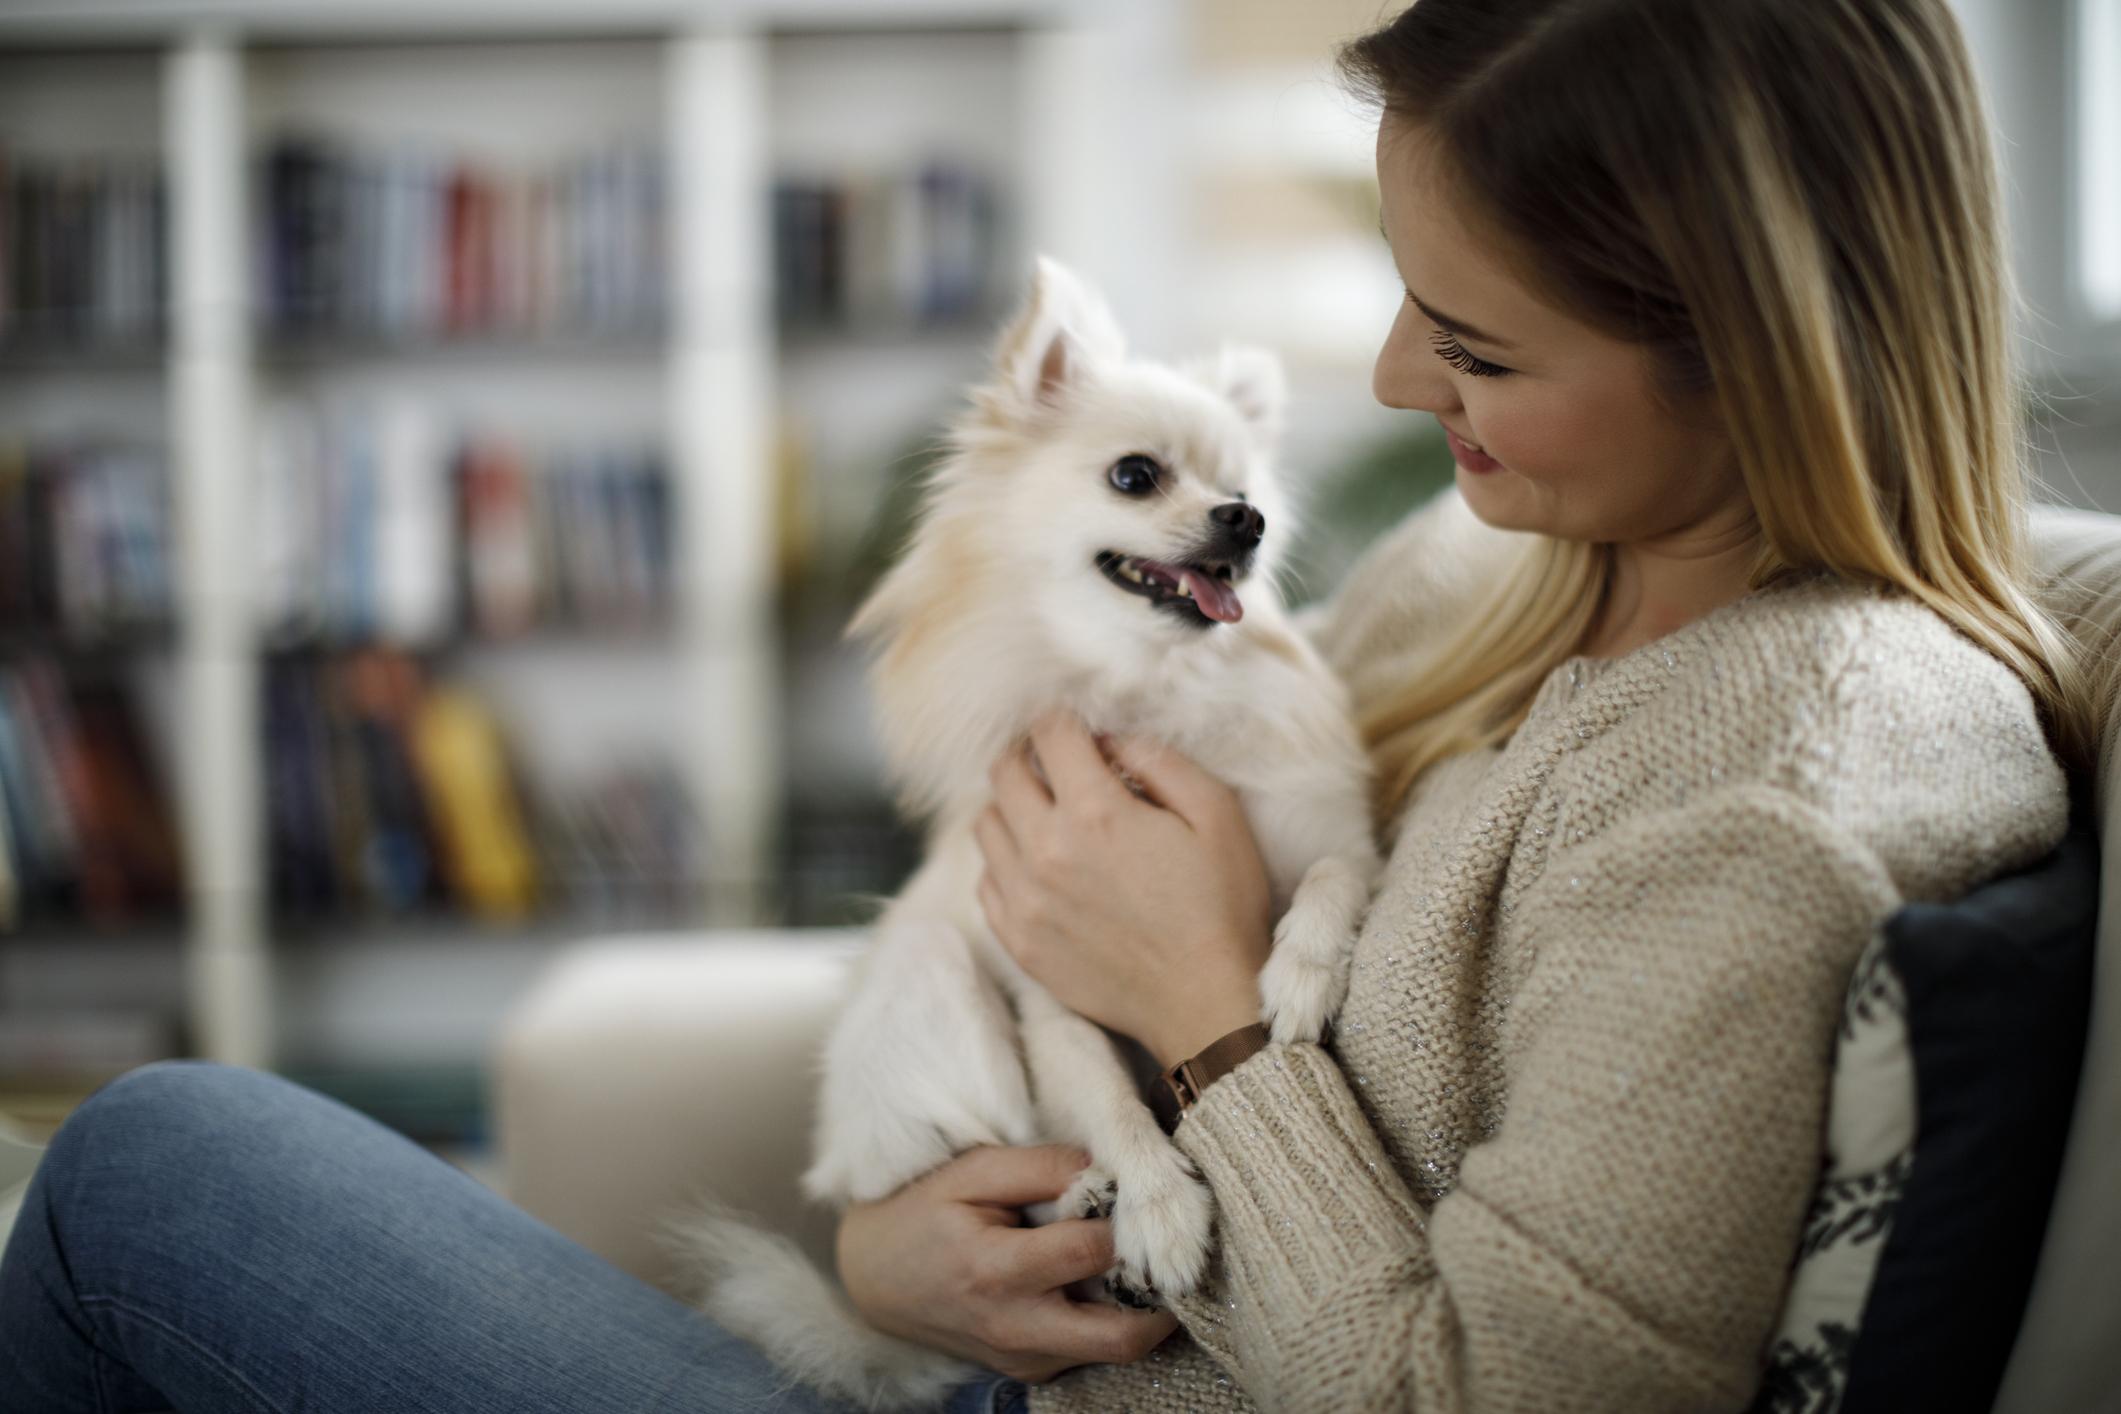 Гиардиазата се причинява от паразит, който можете да получите от вашите домашни любимци. Той живее в заразените фекалии на животни или хора. Може да се разпространи чрез контакт с всичко, което е било изложено на заразените отпадъци, включително вода, лед, почва и предмети от бита. Ако вашият домашен любимец има симптоми на диария или повръщане, трябва да се свържете с ветеринарен лекар, за да потвърдите диагнозата. При хората подобният на червей паразит може да причини тежко обезводняване. Симптомите като диария, гадене и болки в стомаха обикновено продължават между две и шест седмици и могат да започнат до три седмици след инфектирането. Подовете, мебелите, играчките и постелките трябва да бъдат напълно почистени след контакт с инфектиран домашен любимец.